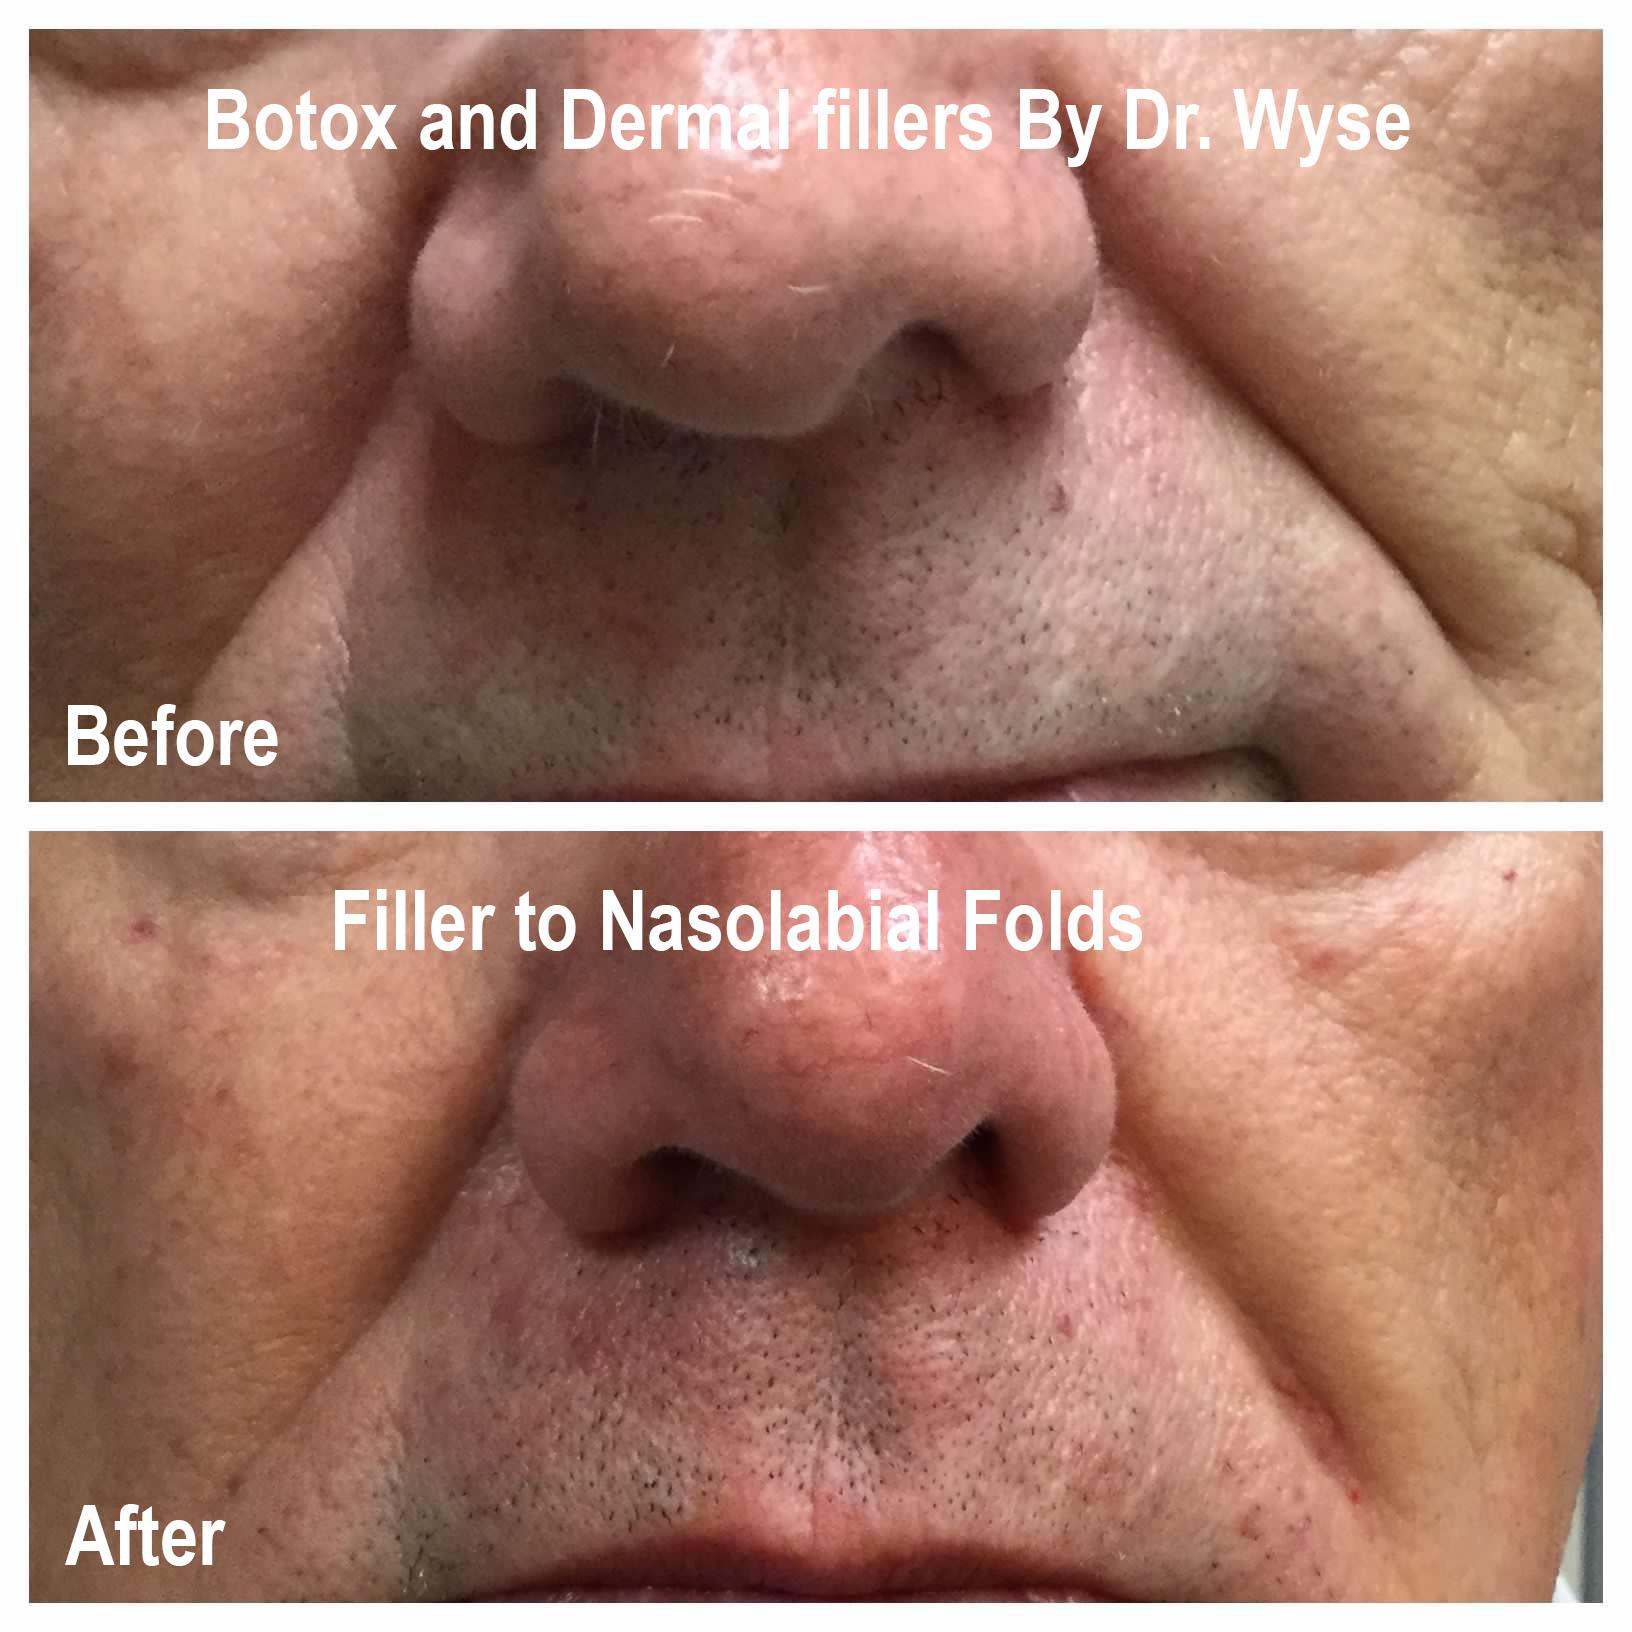 BOTOX and Dermal Filler images